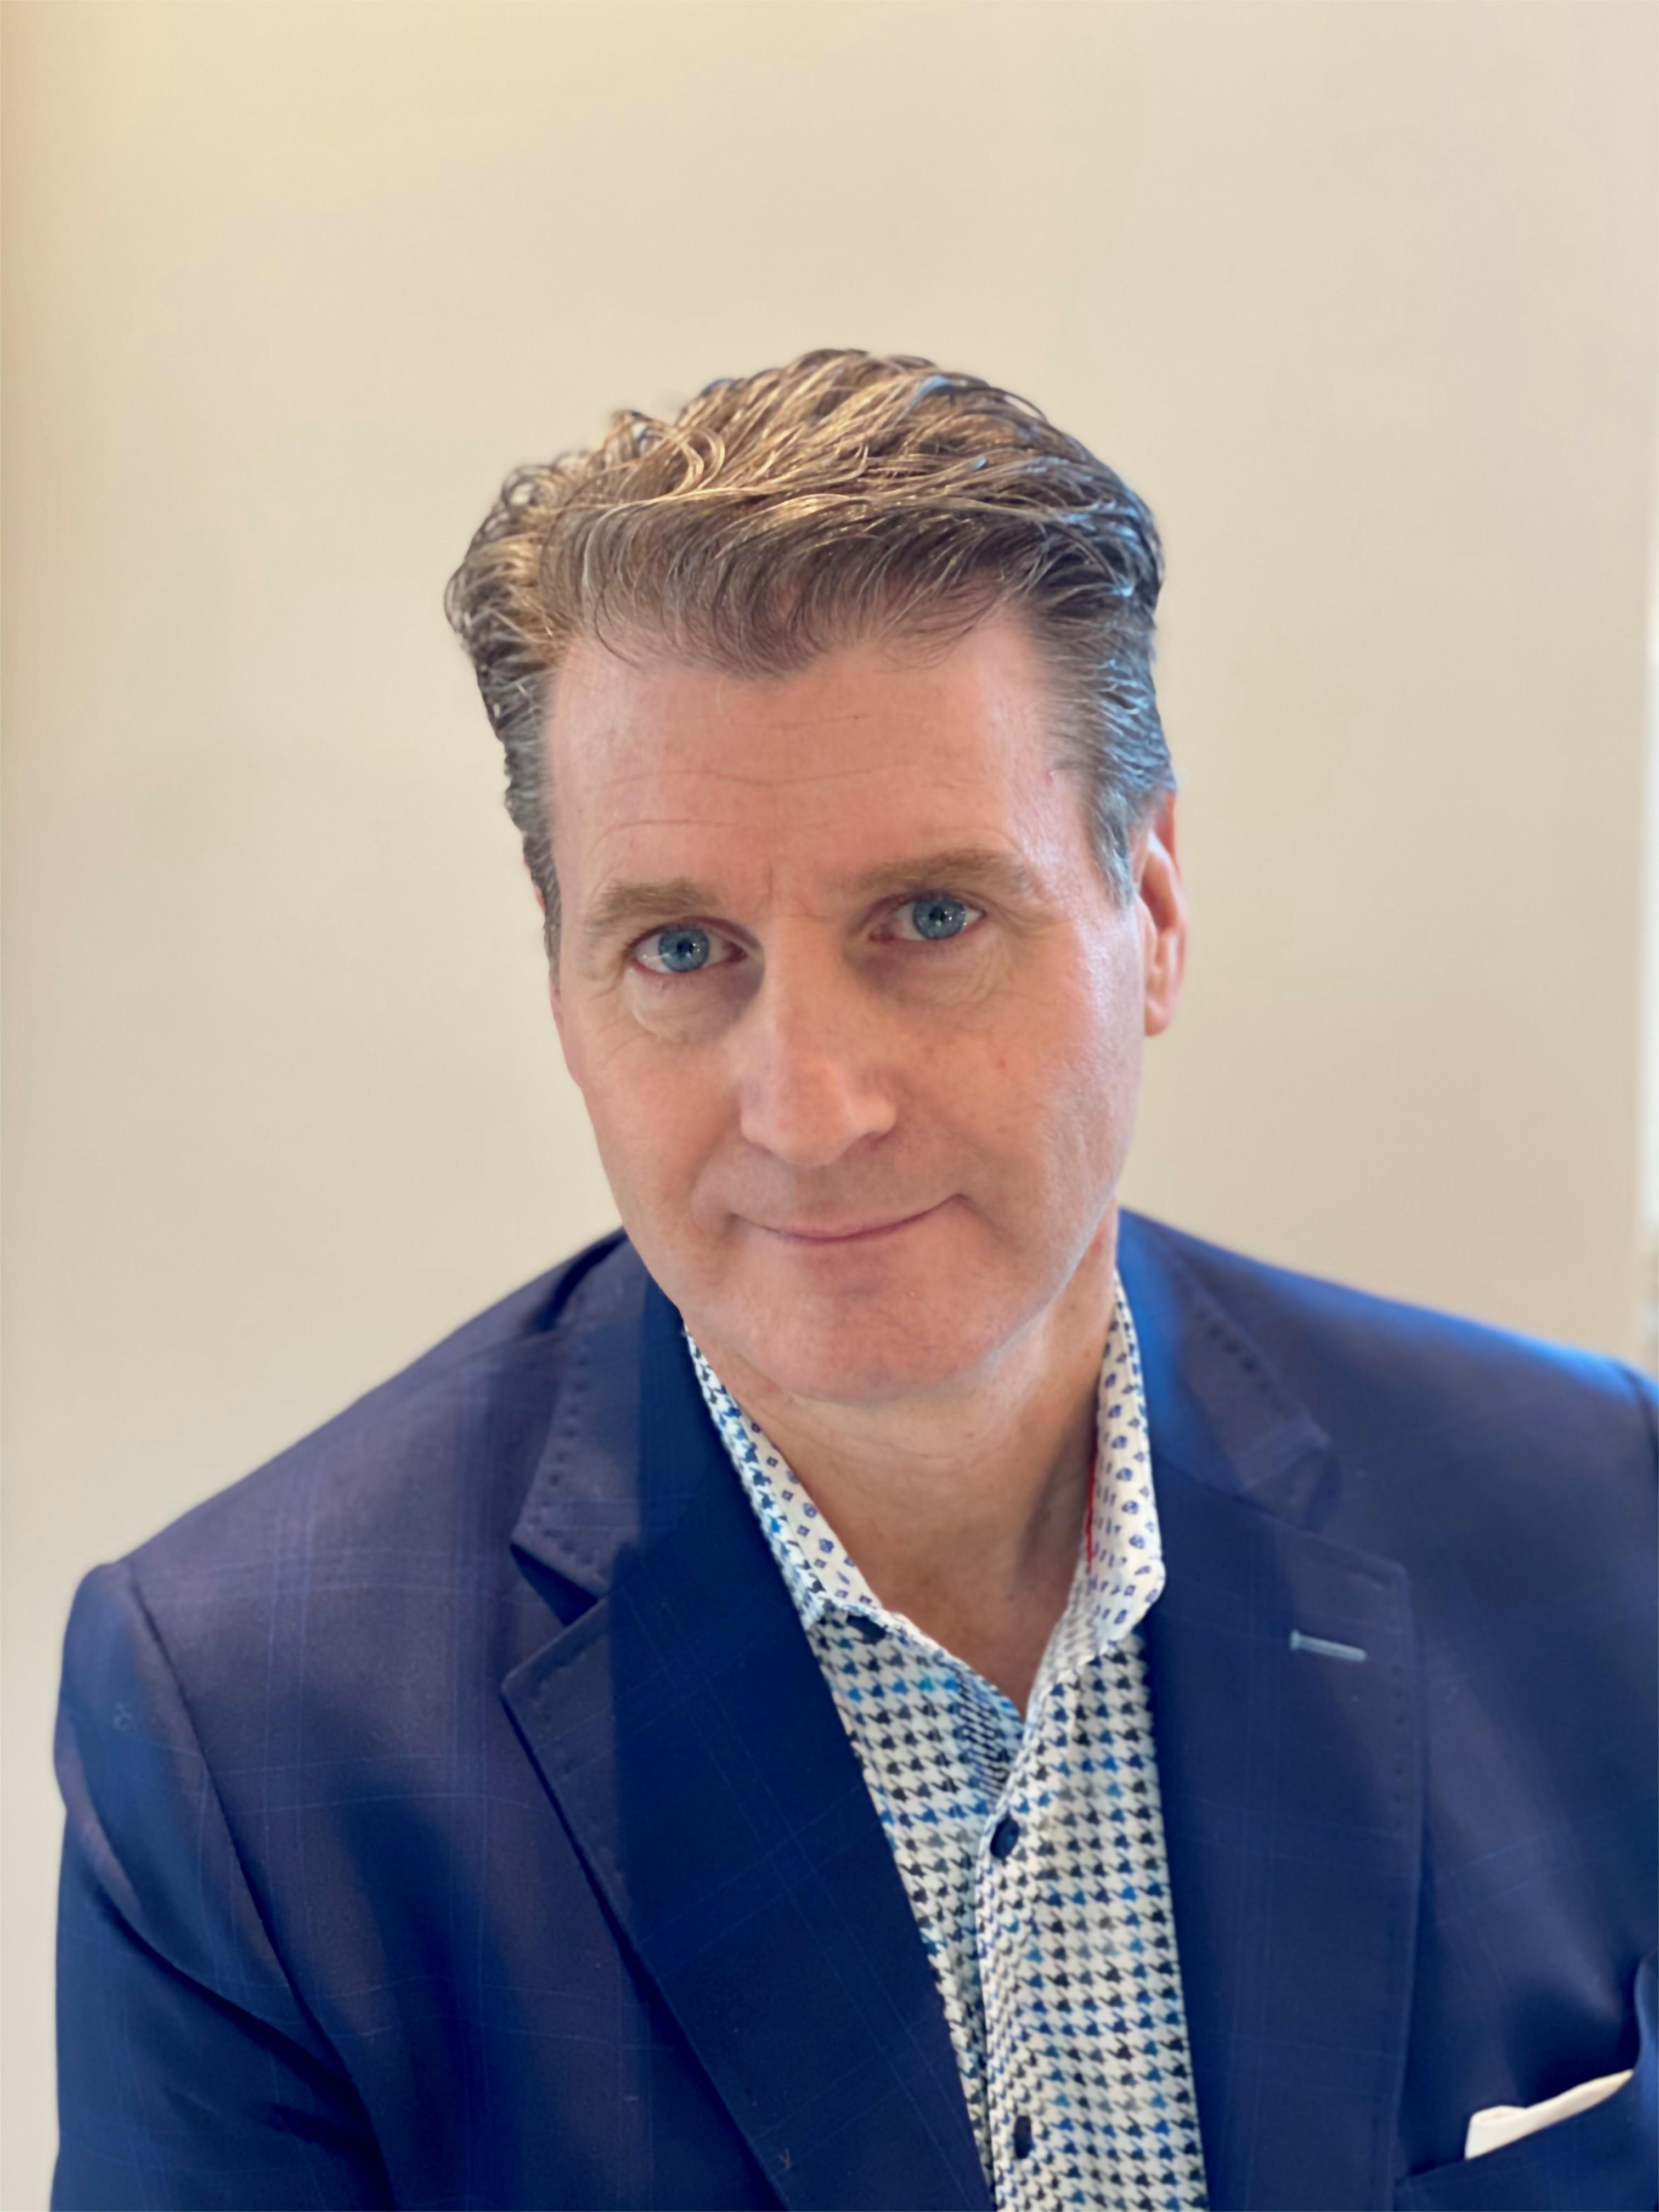 Brian O'Connor  - Director